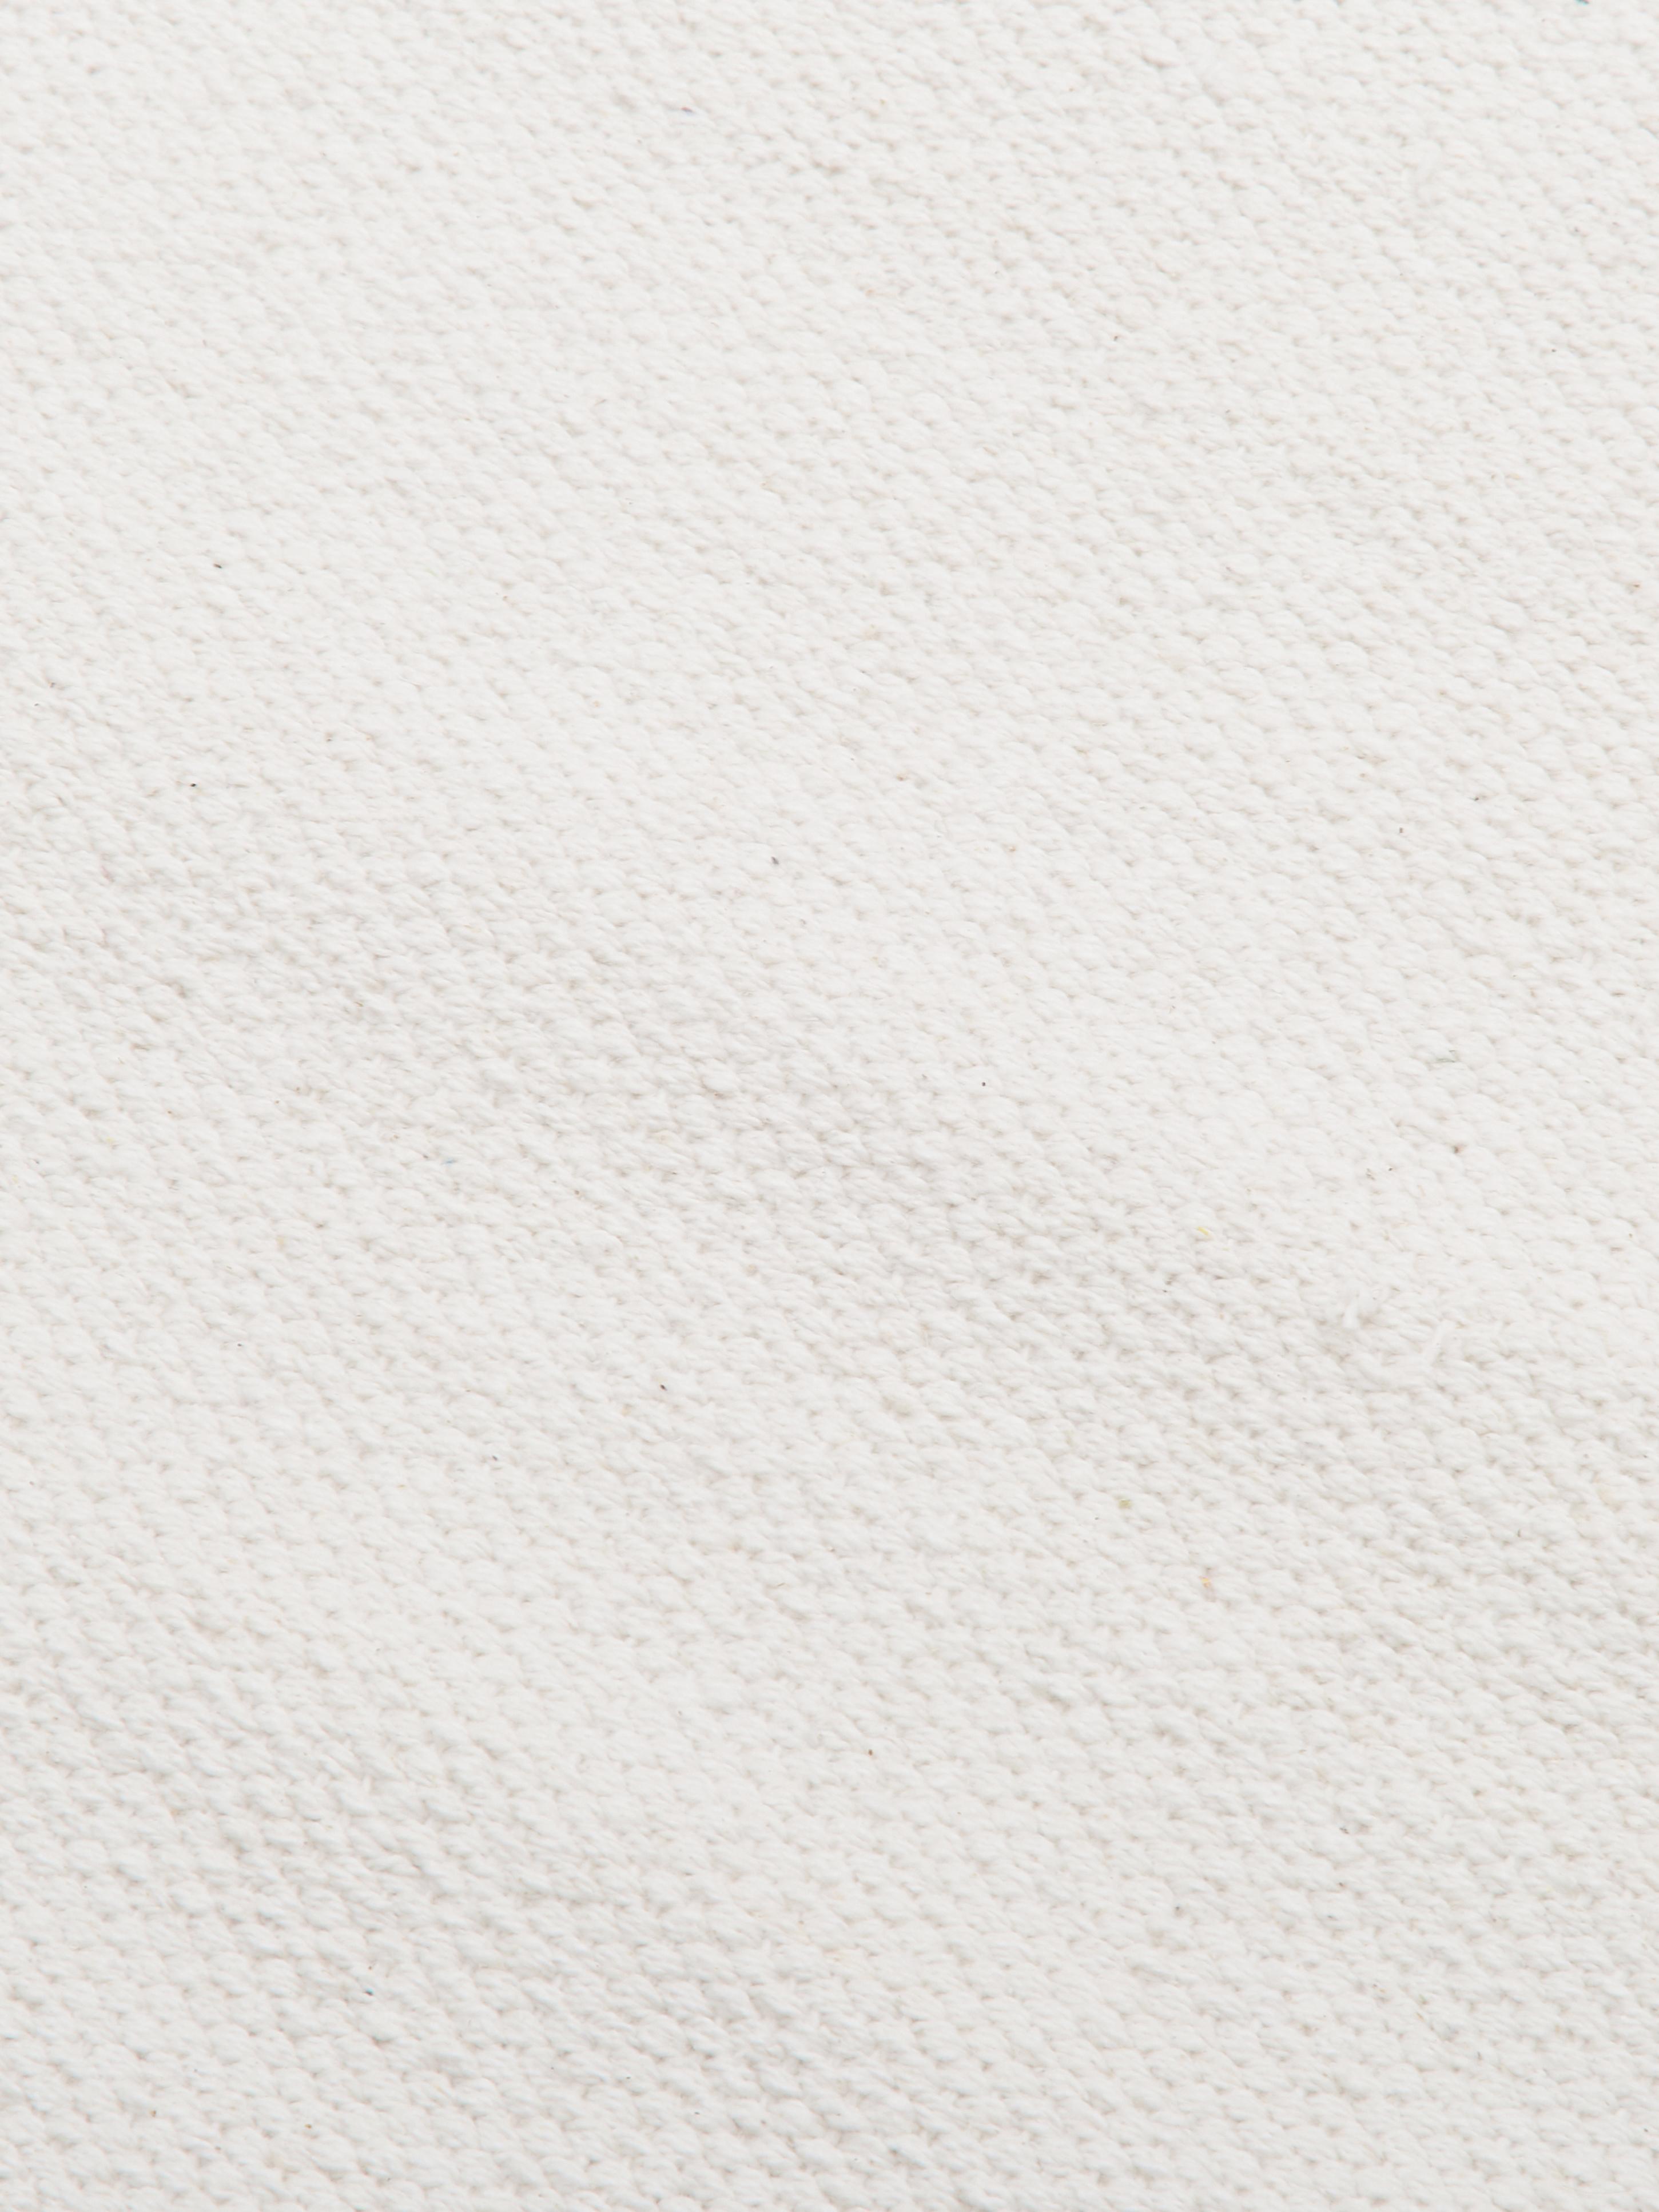 Tappeto in cotone tessuto a mano Agneta, Cotone, Bianco crema, Larg. 160 x Lung. 230 cm